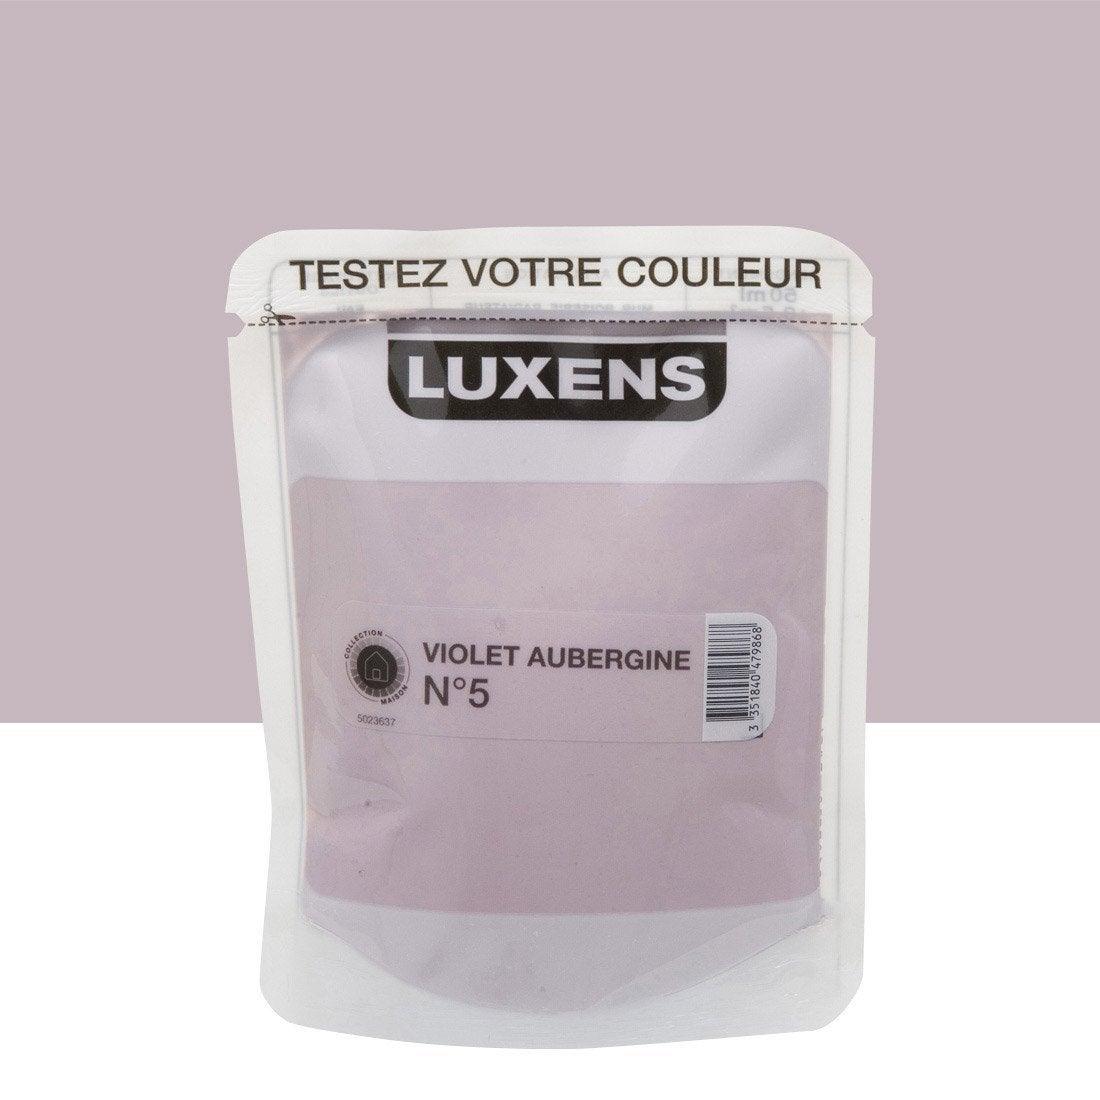 Testeur peinture violet aubergine 5 luxens couleurs int rieures satin l leroy merlin for Peinture violet aubergine